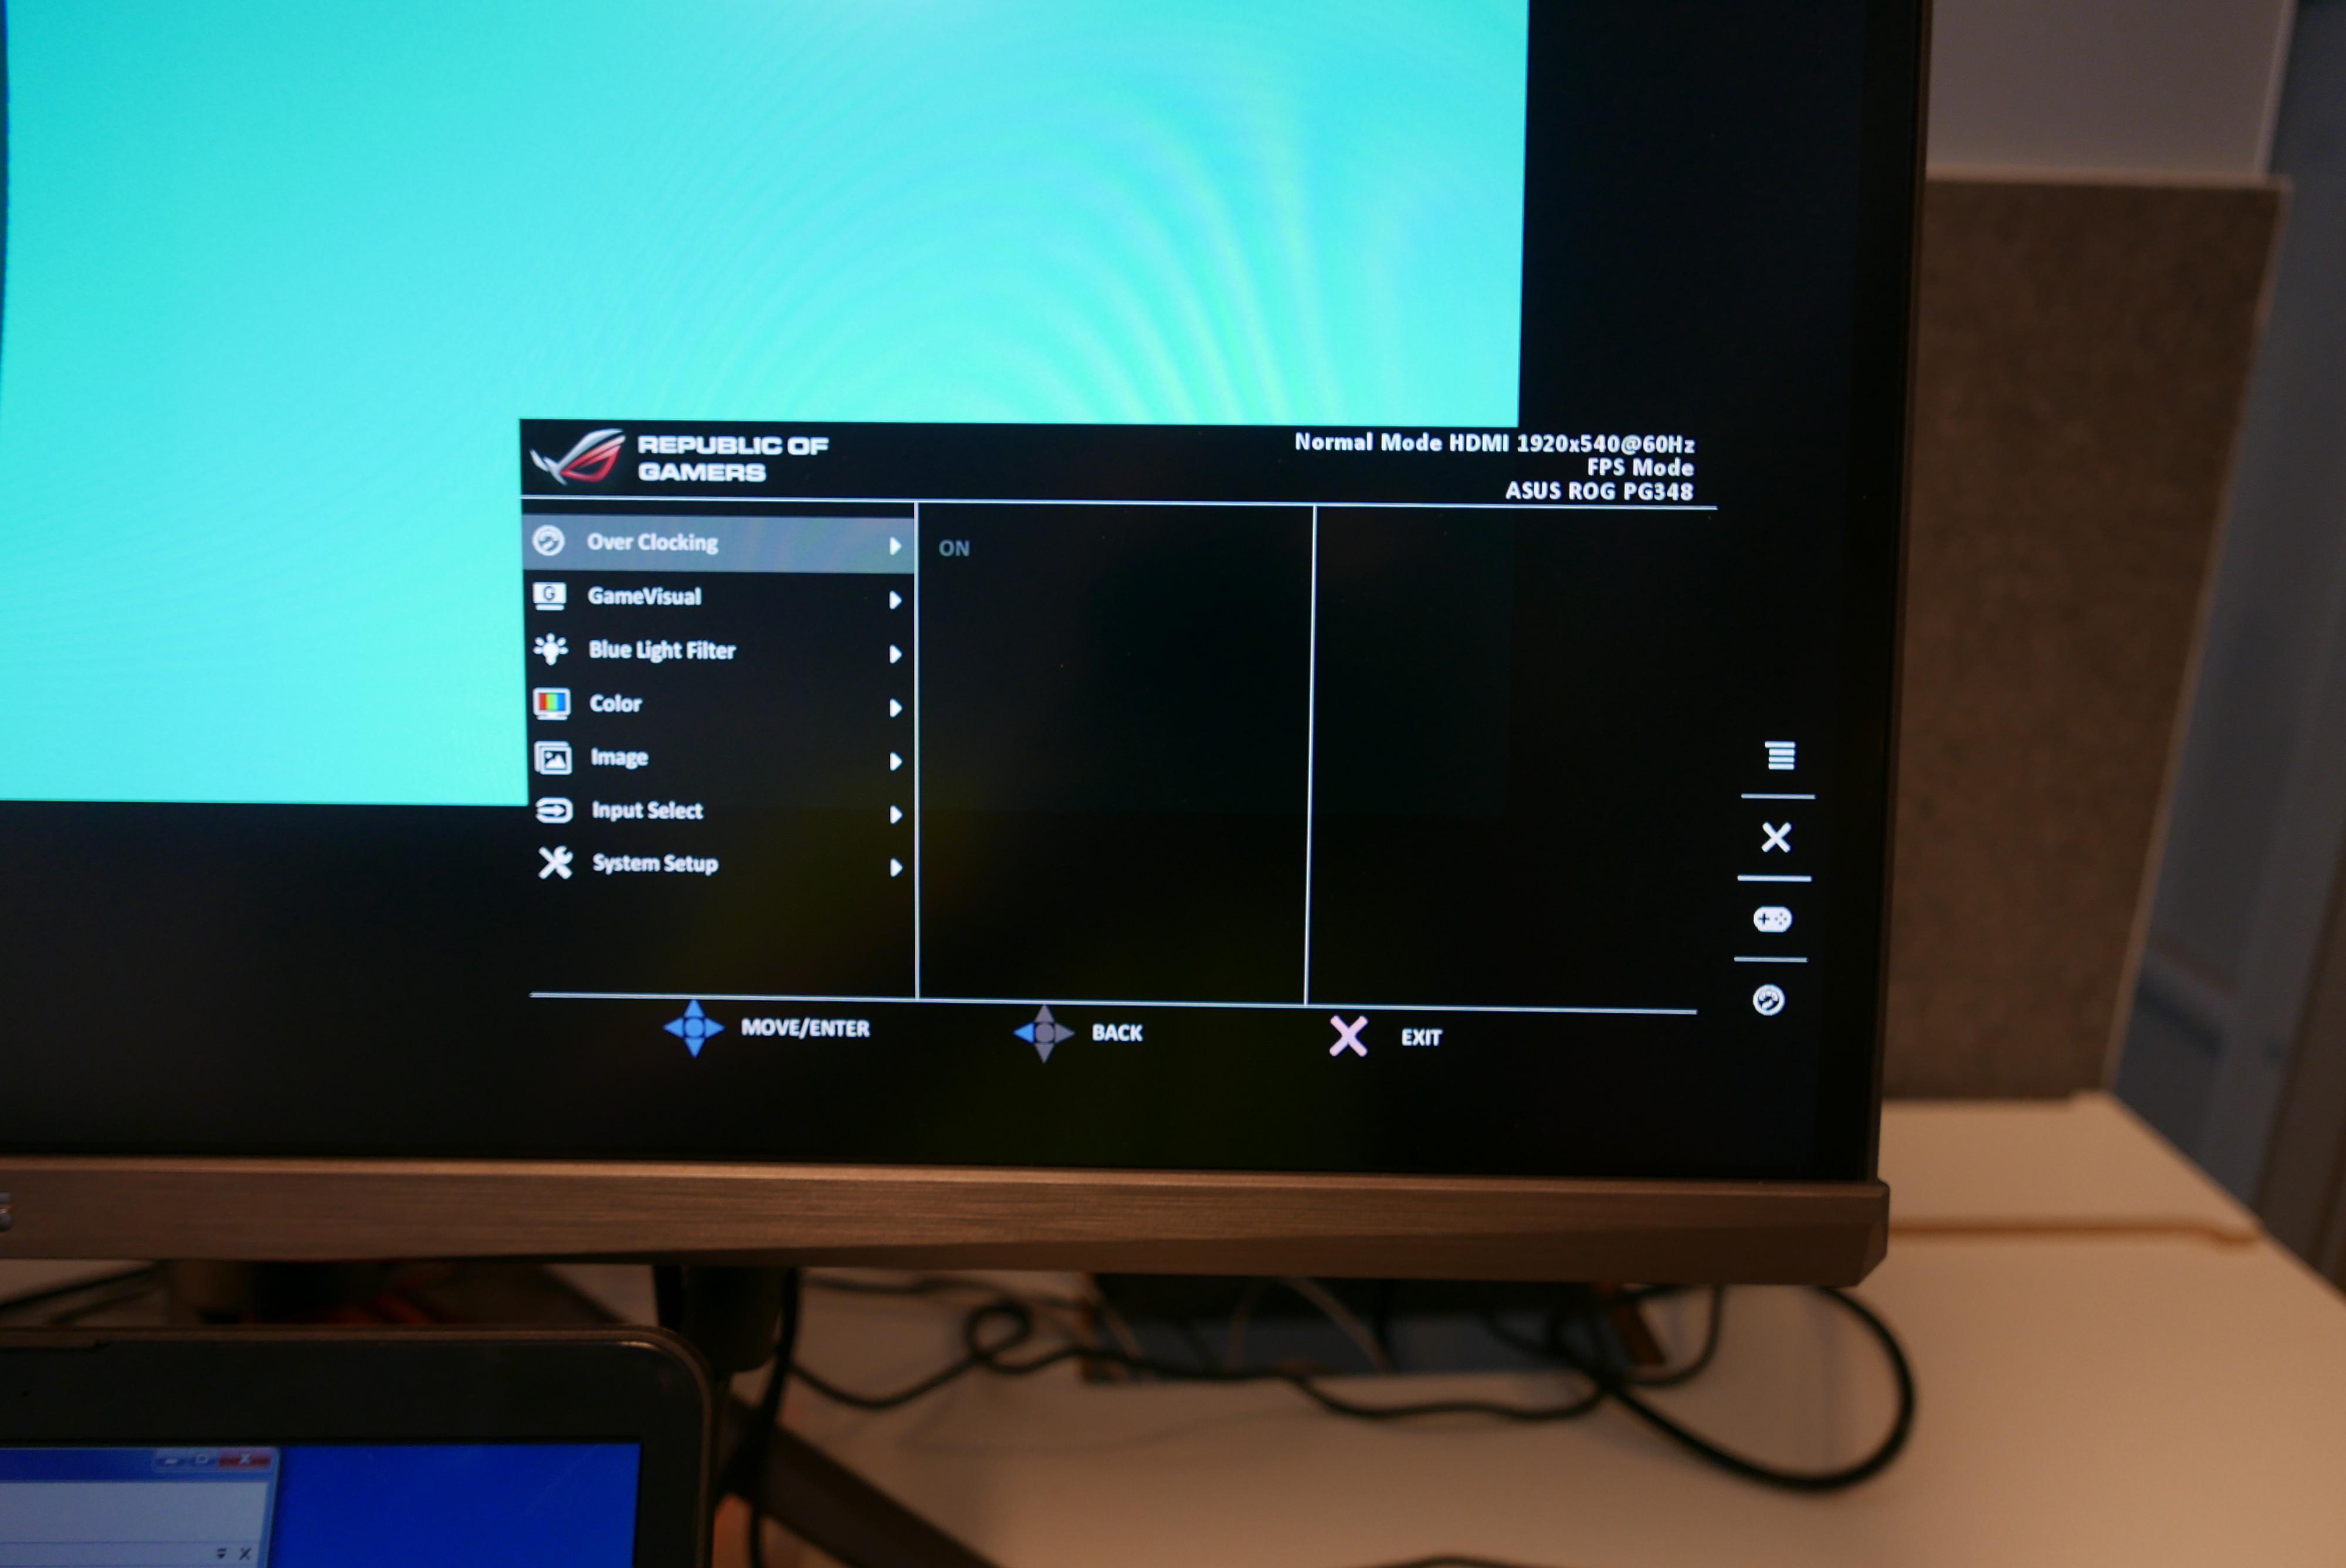 Menyene til Asus-skjermen er enkle og ryddige å få oversikt over.